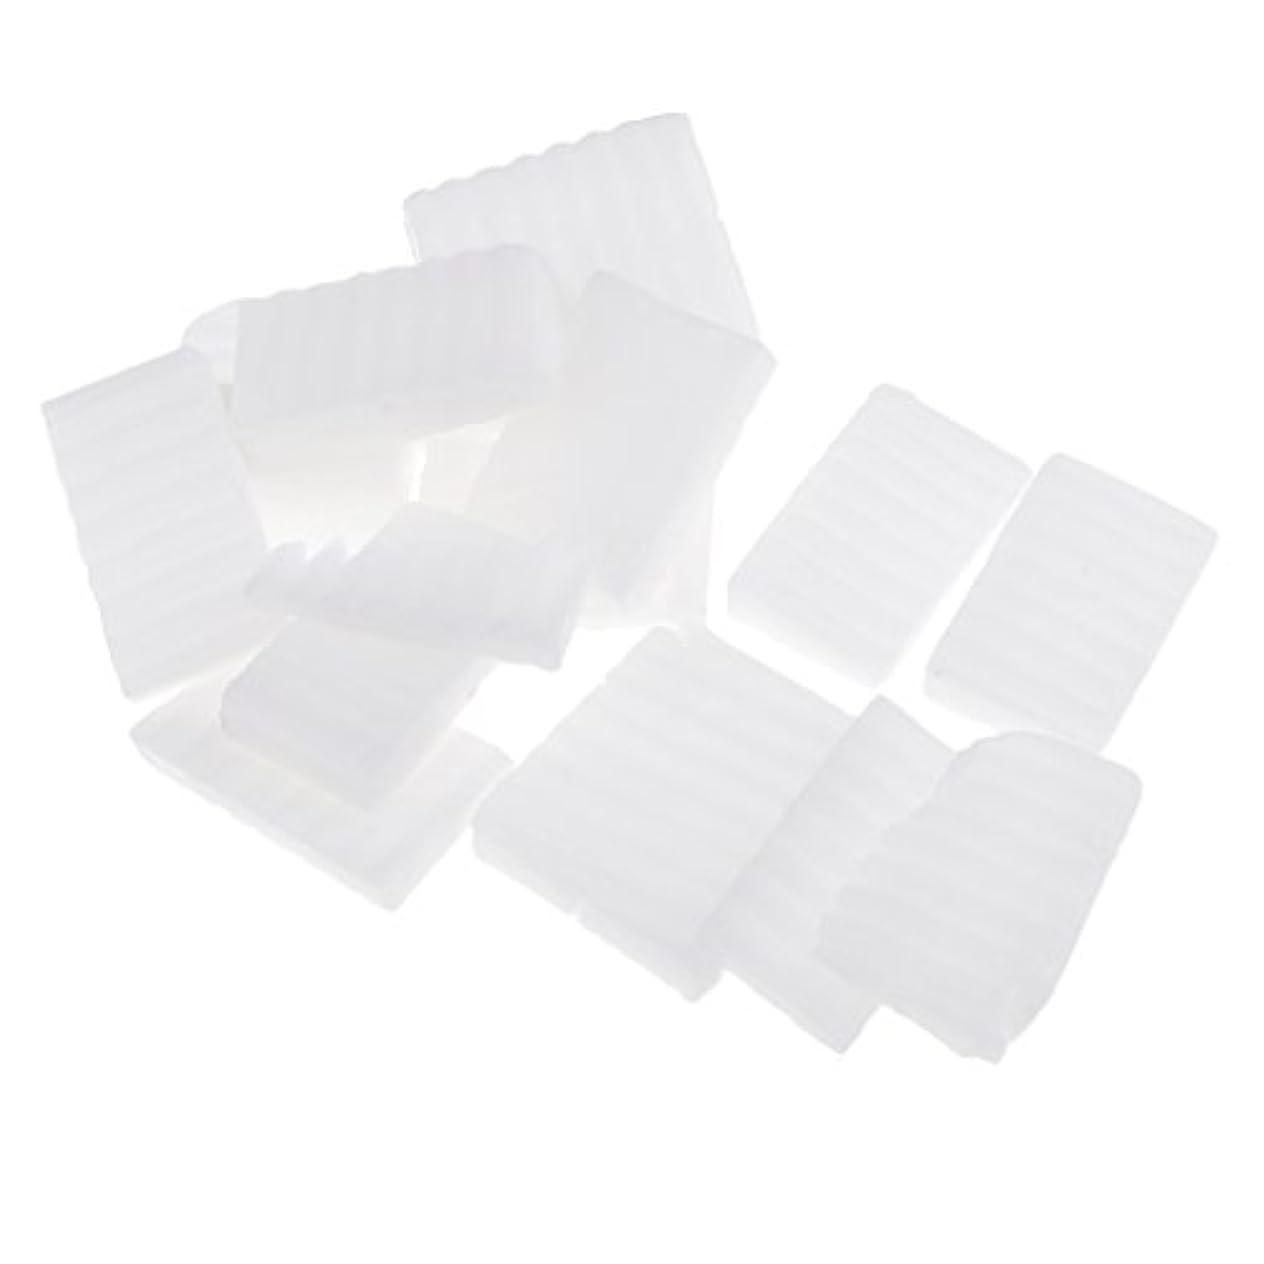 上院議員ある自治約500g ホワイト 石鹸ベース DIY 手作り 石鹸 材料